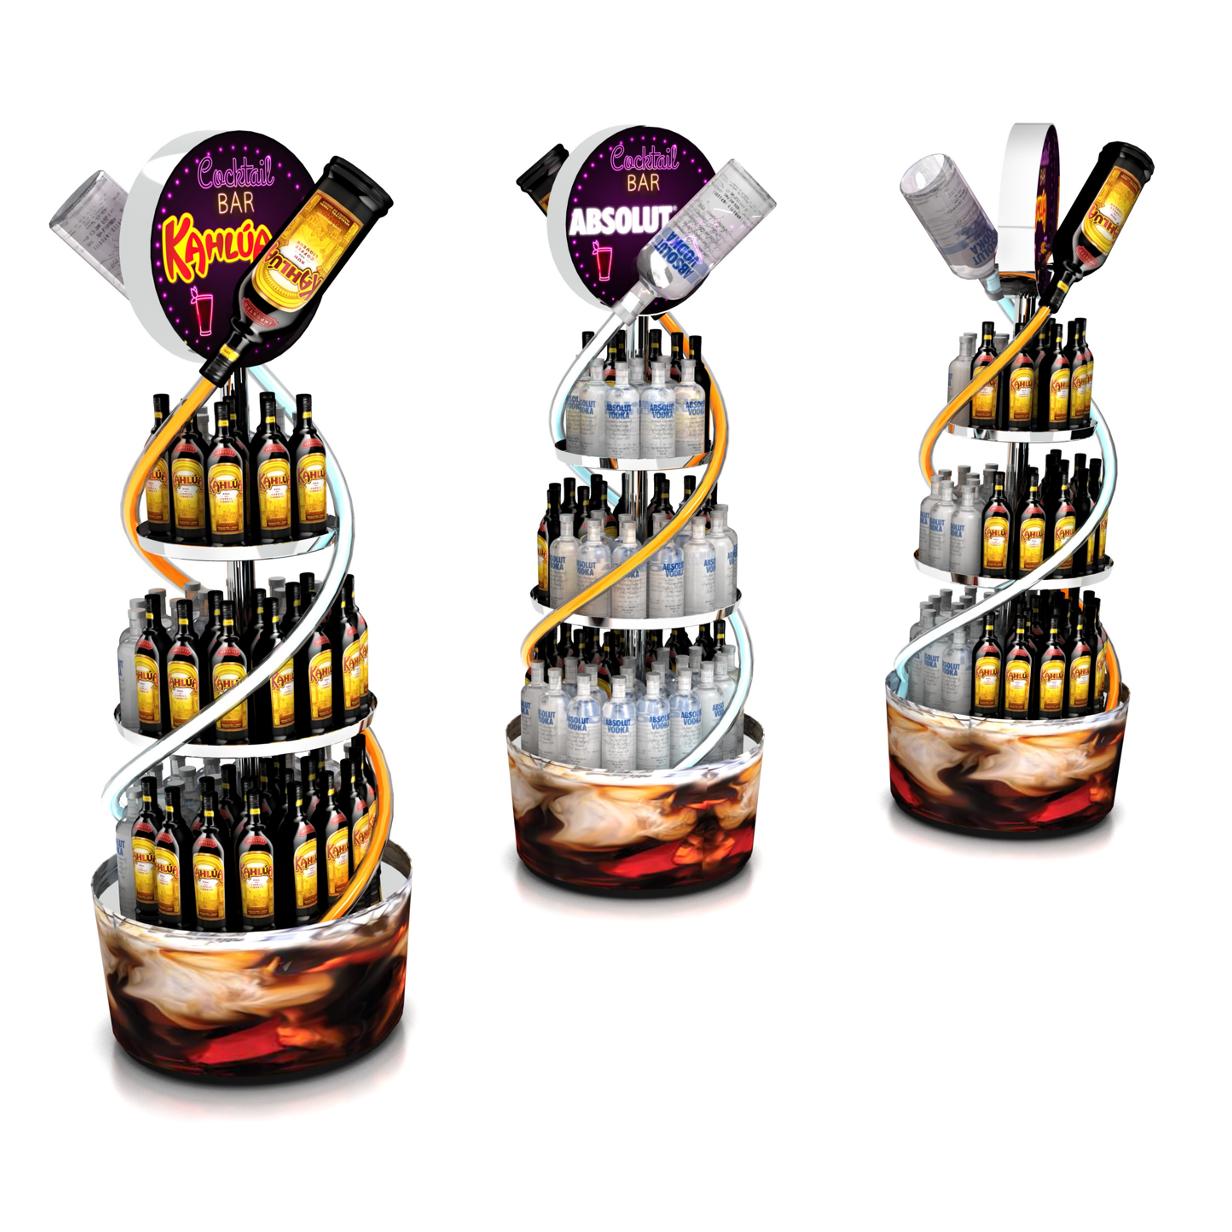 Cocktail Bar Displays